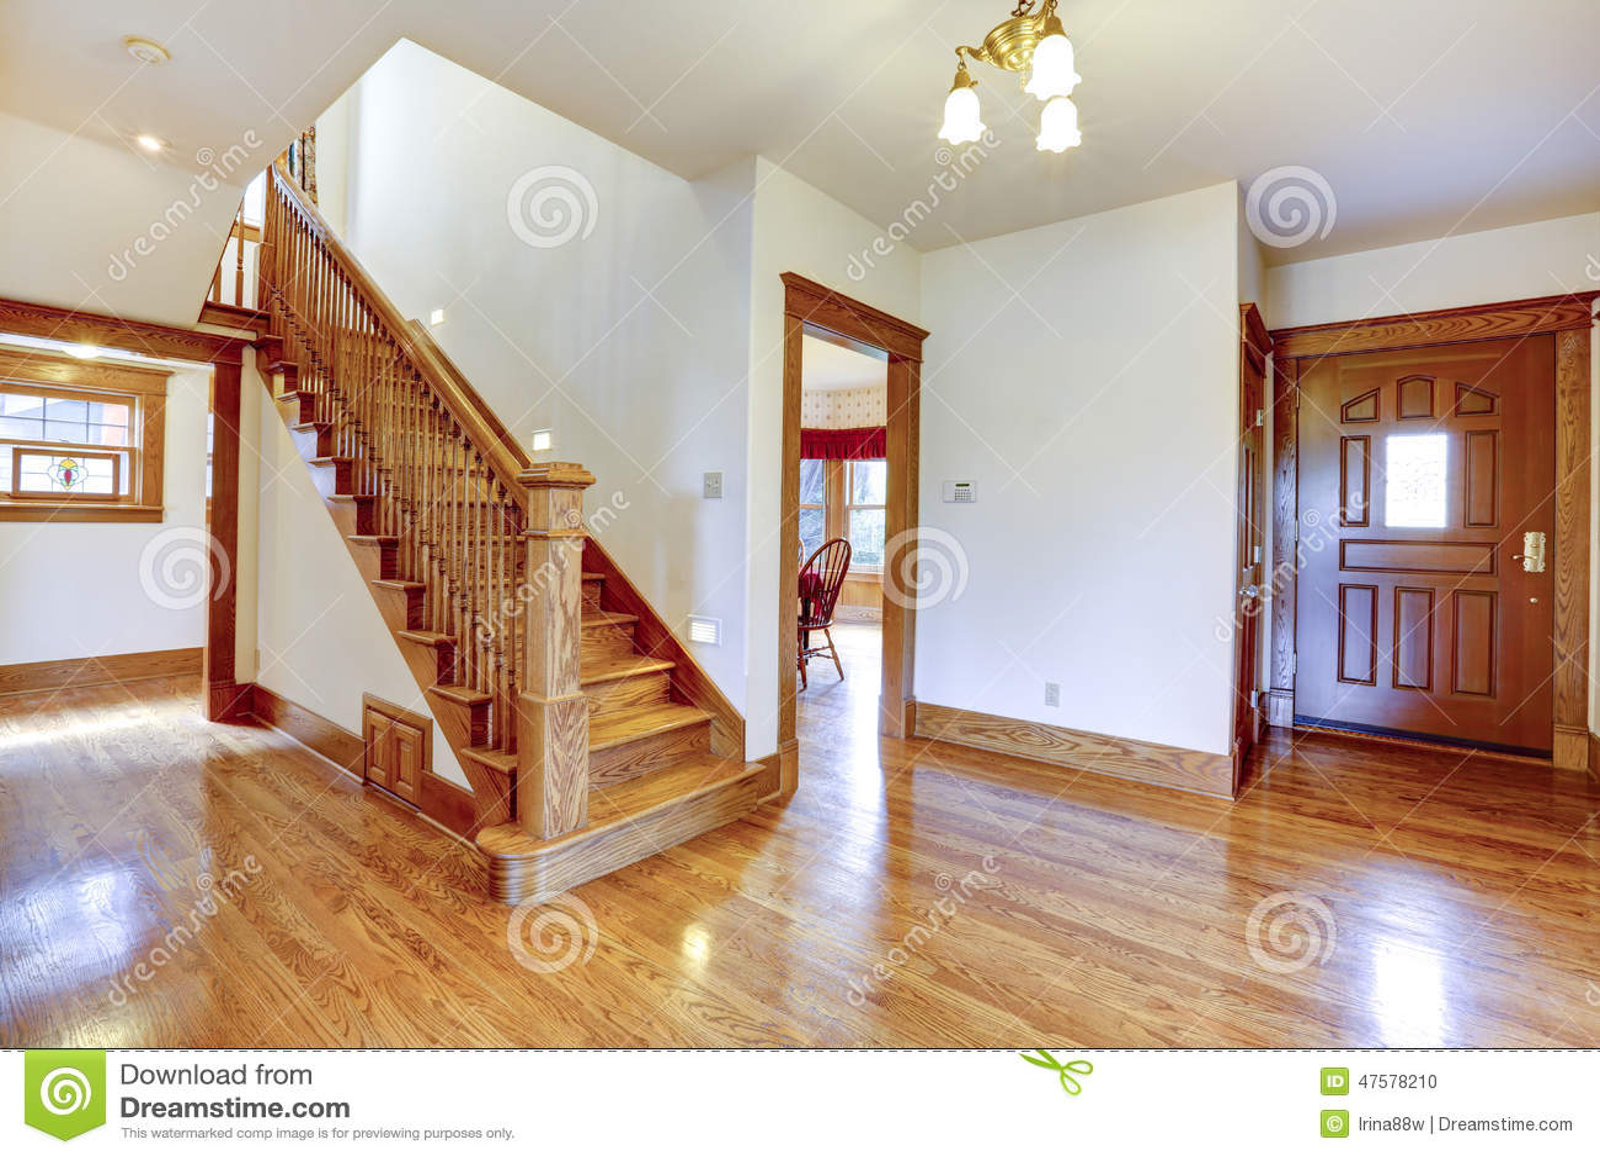 Couloir vide d 39 entr e avec l 39 escalier en bois photo stock - Couloir avec escalier ...